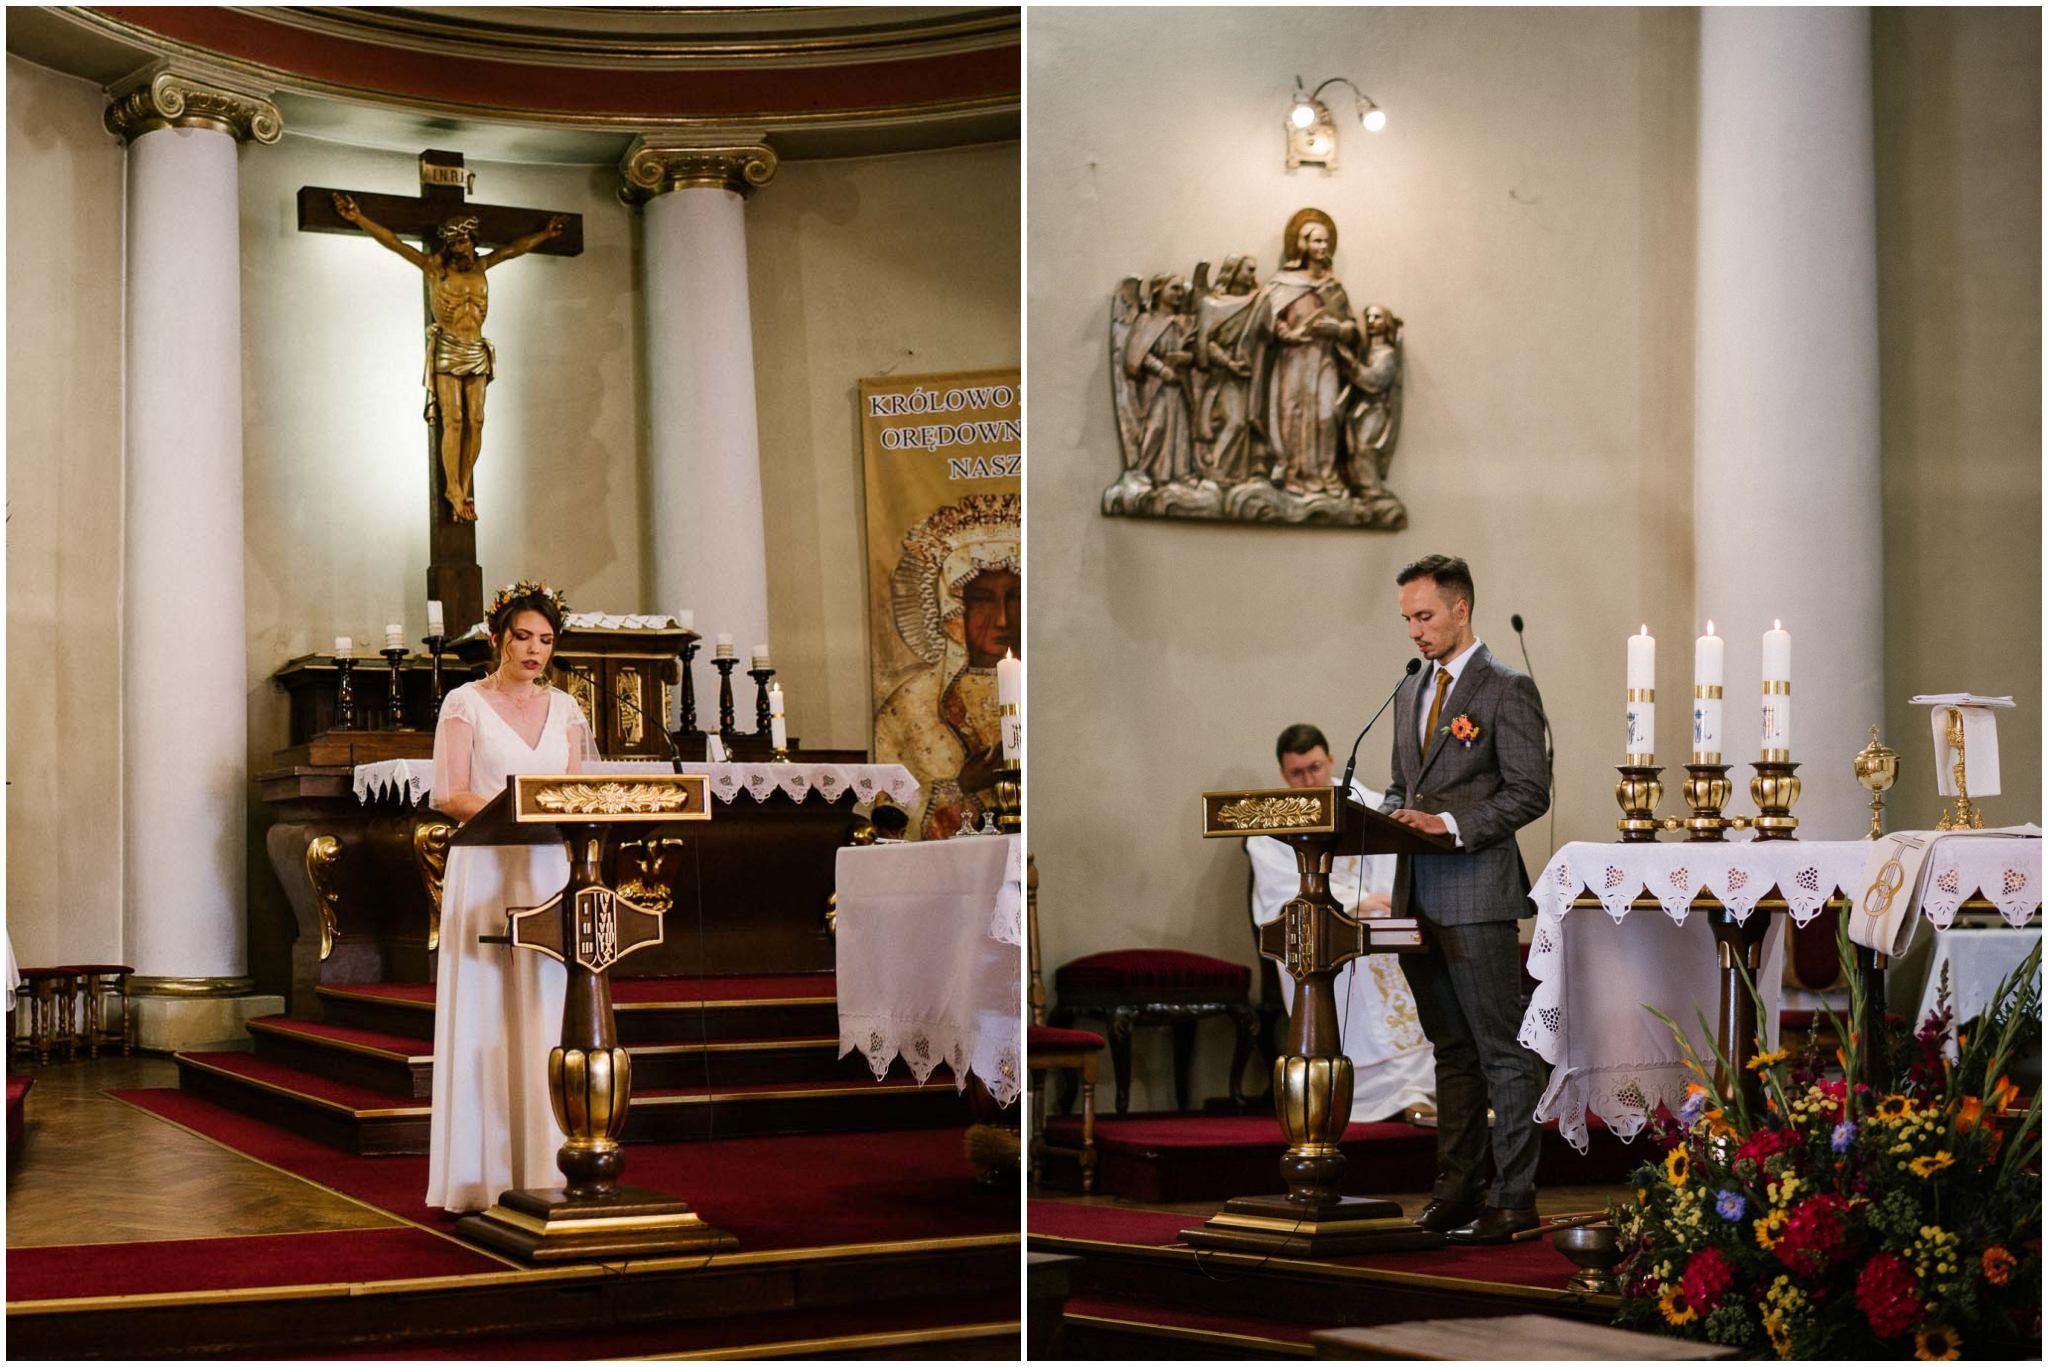 Państwo młodzi podczas czytania w kościele - ślub w stodole Dyrkowo